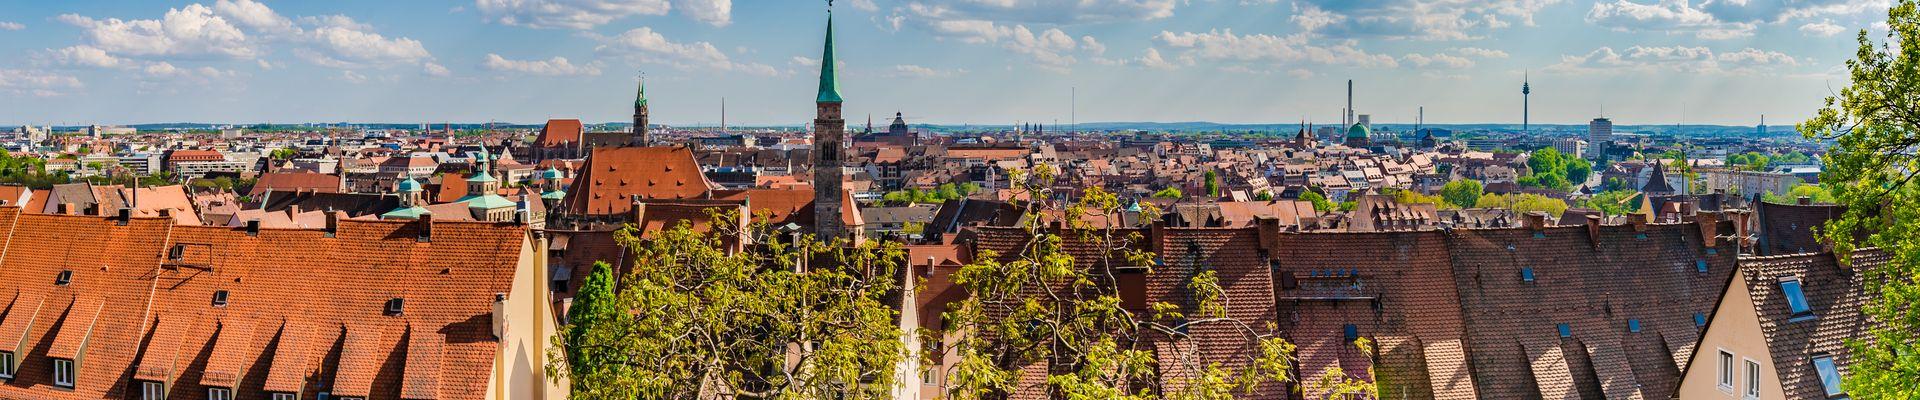 Kurzurlaub in Nürnberg